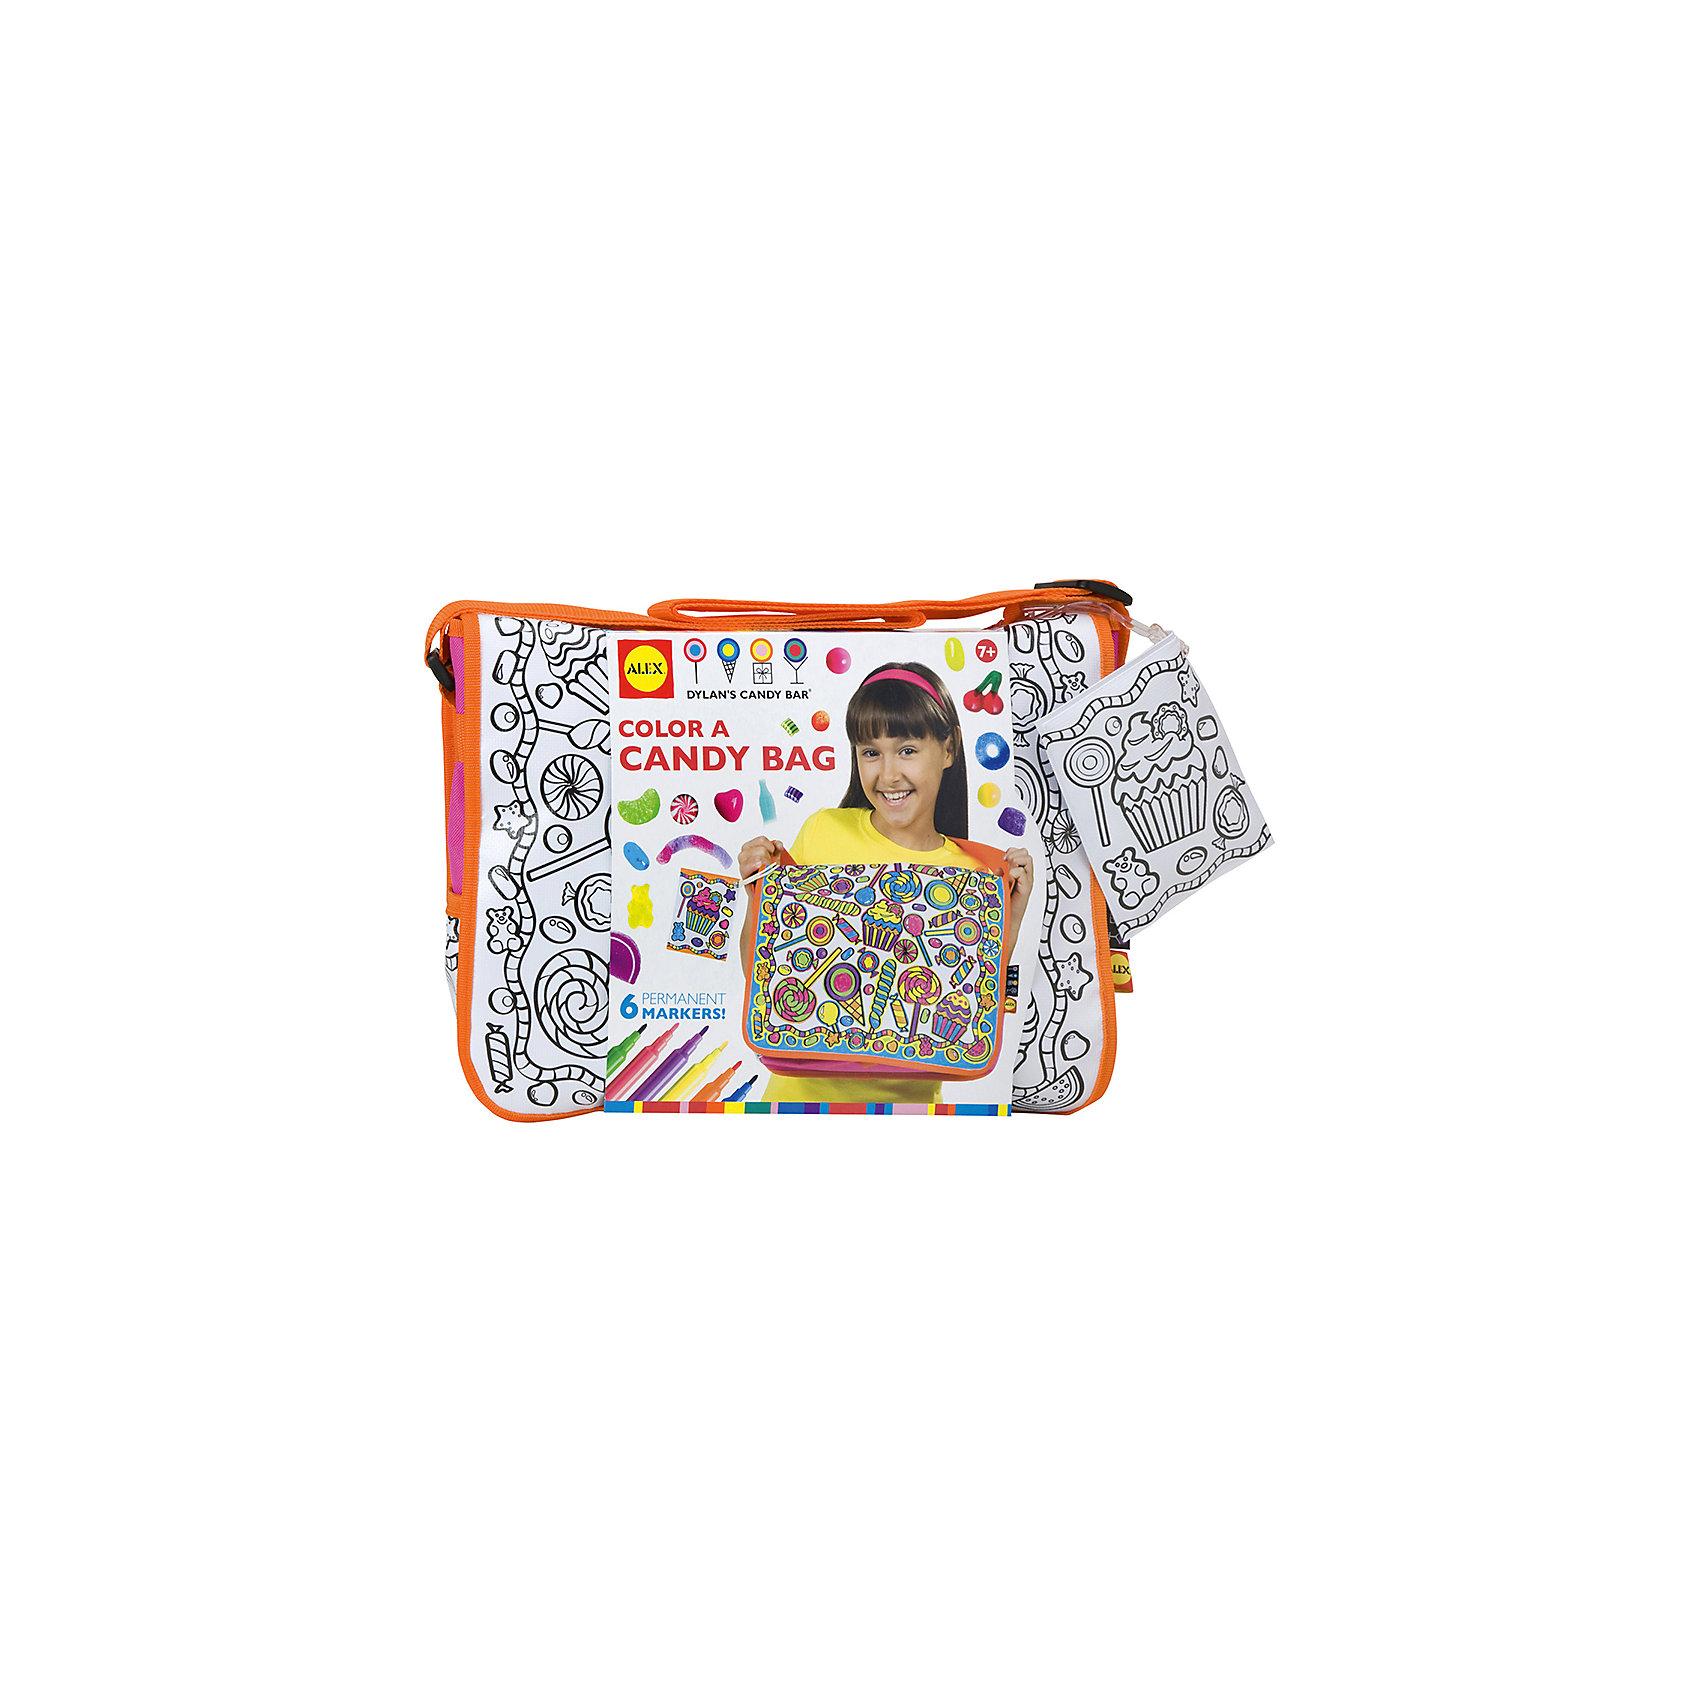 Набор Раскрась сумку со сладкими узорами, ALEXНабор Раскрась сумку со сладкими узорами, ALEX (АЛЕКС) – это набор для создания эксклюзивной модной сумки своими руками.<br>Набор «Раскрась сумку со сладкими узорами» – это увлекательный набор, который позволит вашей малышке собственными руками создать уникальную сумку. Благодаря несмываемым фломастерам девочка раскрасит сумку по своему вкусу, сделать это очень легко, так как на гладкой белой поверхности уже нанесен черный контур с конфетным орнаментом. В комплект входит кошелек для ключей на ремешке с орнаментом для раскрашивания. Сумка дополнена удобным широким регулируемым ремешком.<br><br>Дополнительная информация:<br><br>- В наборе: 6 несмываемых фломастеров; сумочка из плотной ткани с орнаментом для раскрашивания, кошелек для ключей на ремешке с орнаментом для раскрашивания<br>- Материал: текстиль<br>- Размер сумки: 36 x 28 x 10 см.<br>- Размеры упаковки: 35,6х11,4х25,4 см.<br>- Вес: 544 гр.<br><br>Набор Раскрась сумку со сладкими узорами, ALEX (АЛЕКС) можно купить в нашем интернет-магазине.<br><br>Ширина мм: 356<br>Глубина мм: 114<br>Высота мм: 254<br>Вес г: 544<br>Возраст от месяцев: 84<br>Возраст до месяцев: 120<br>Пол: Женский<br>Возраст: Детский<br>SKU: 4556952